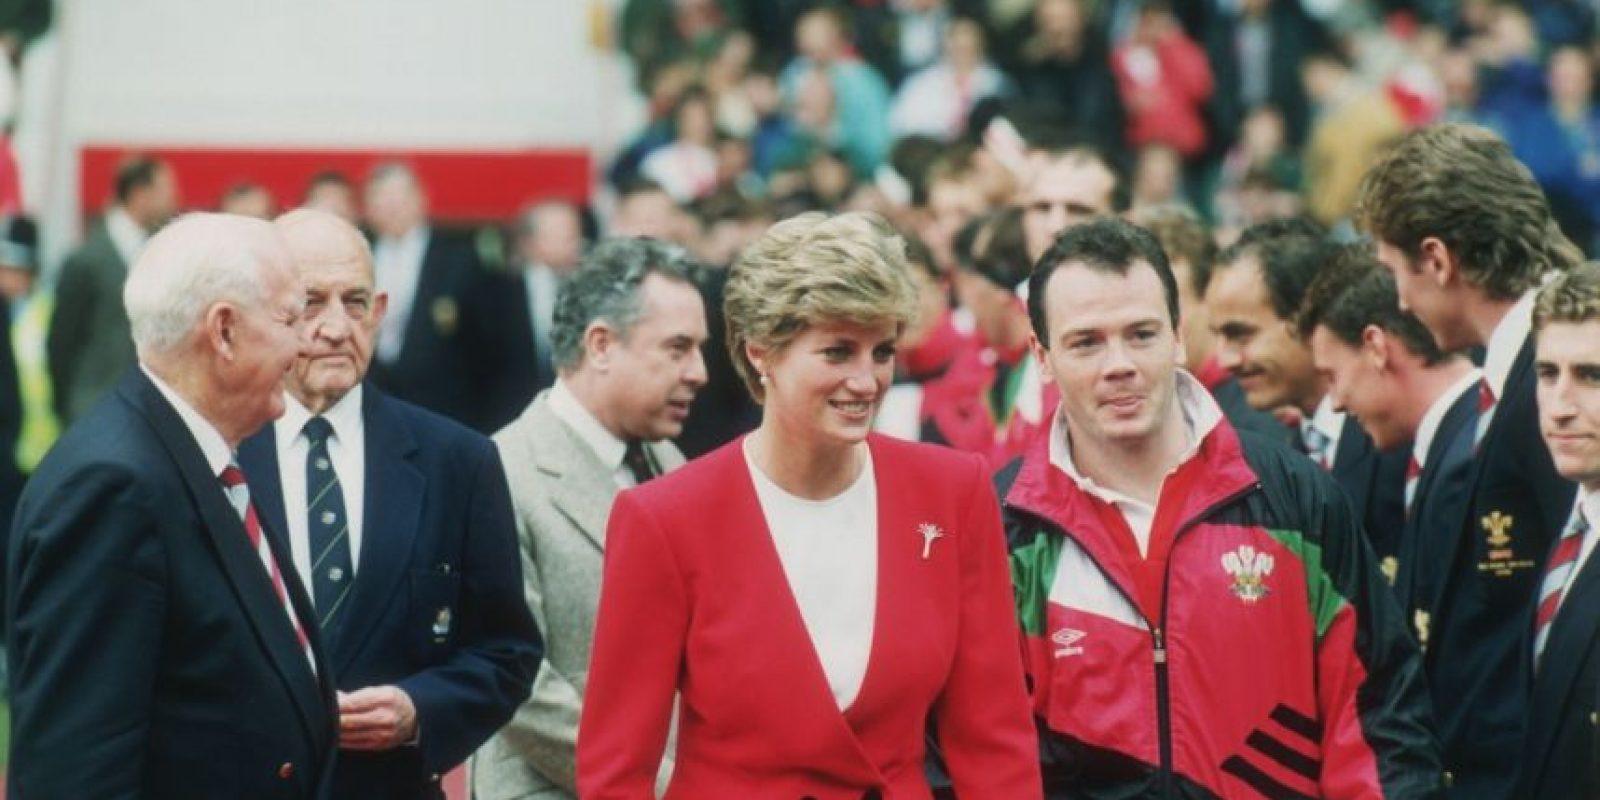 En diciembre de 1992, los príncipes de Gales anunciaron su separación. Foto:Getty Images